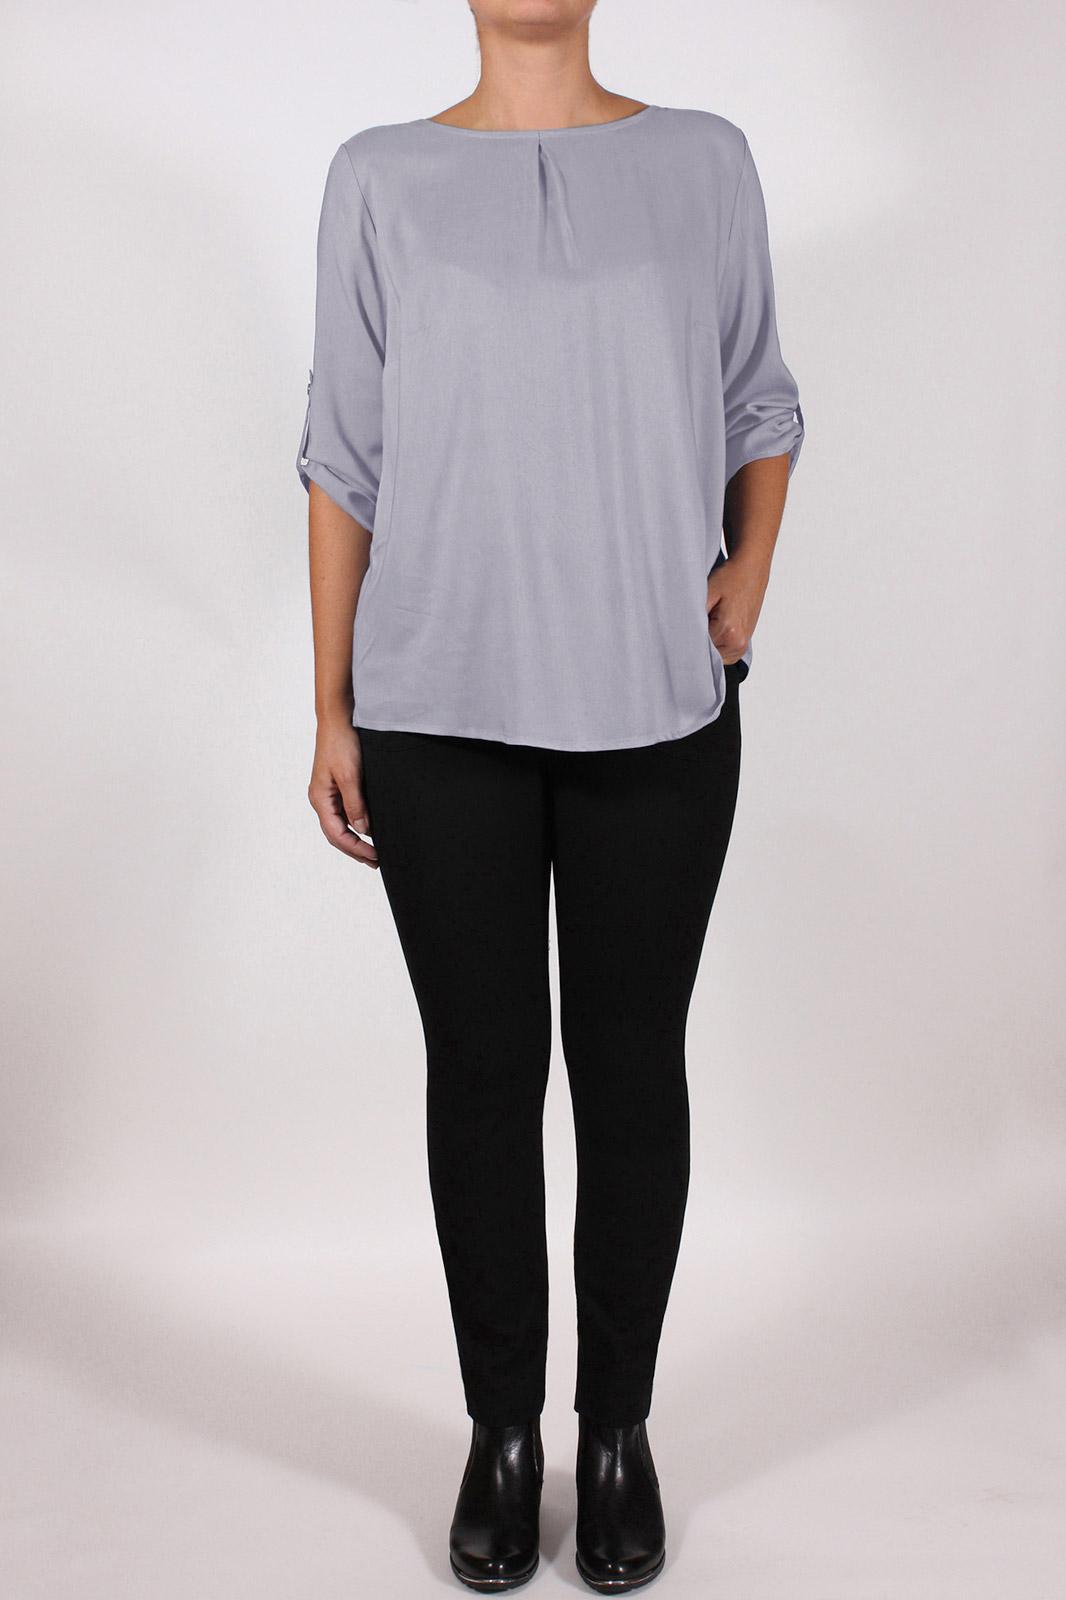 Купить блузку 54 размера